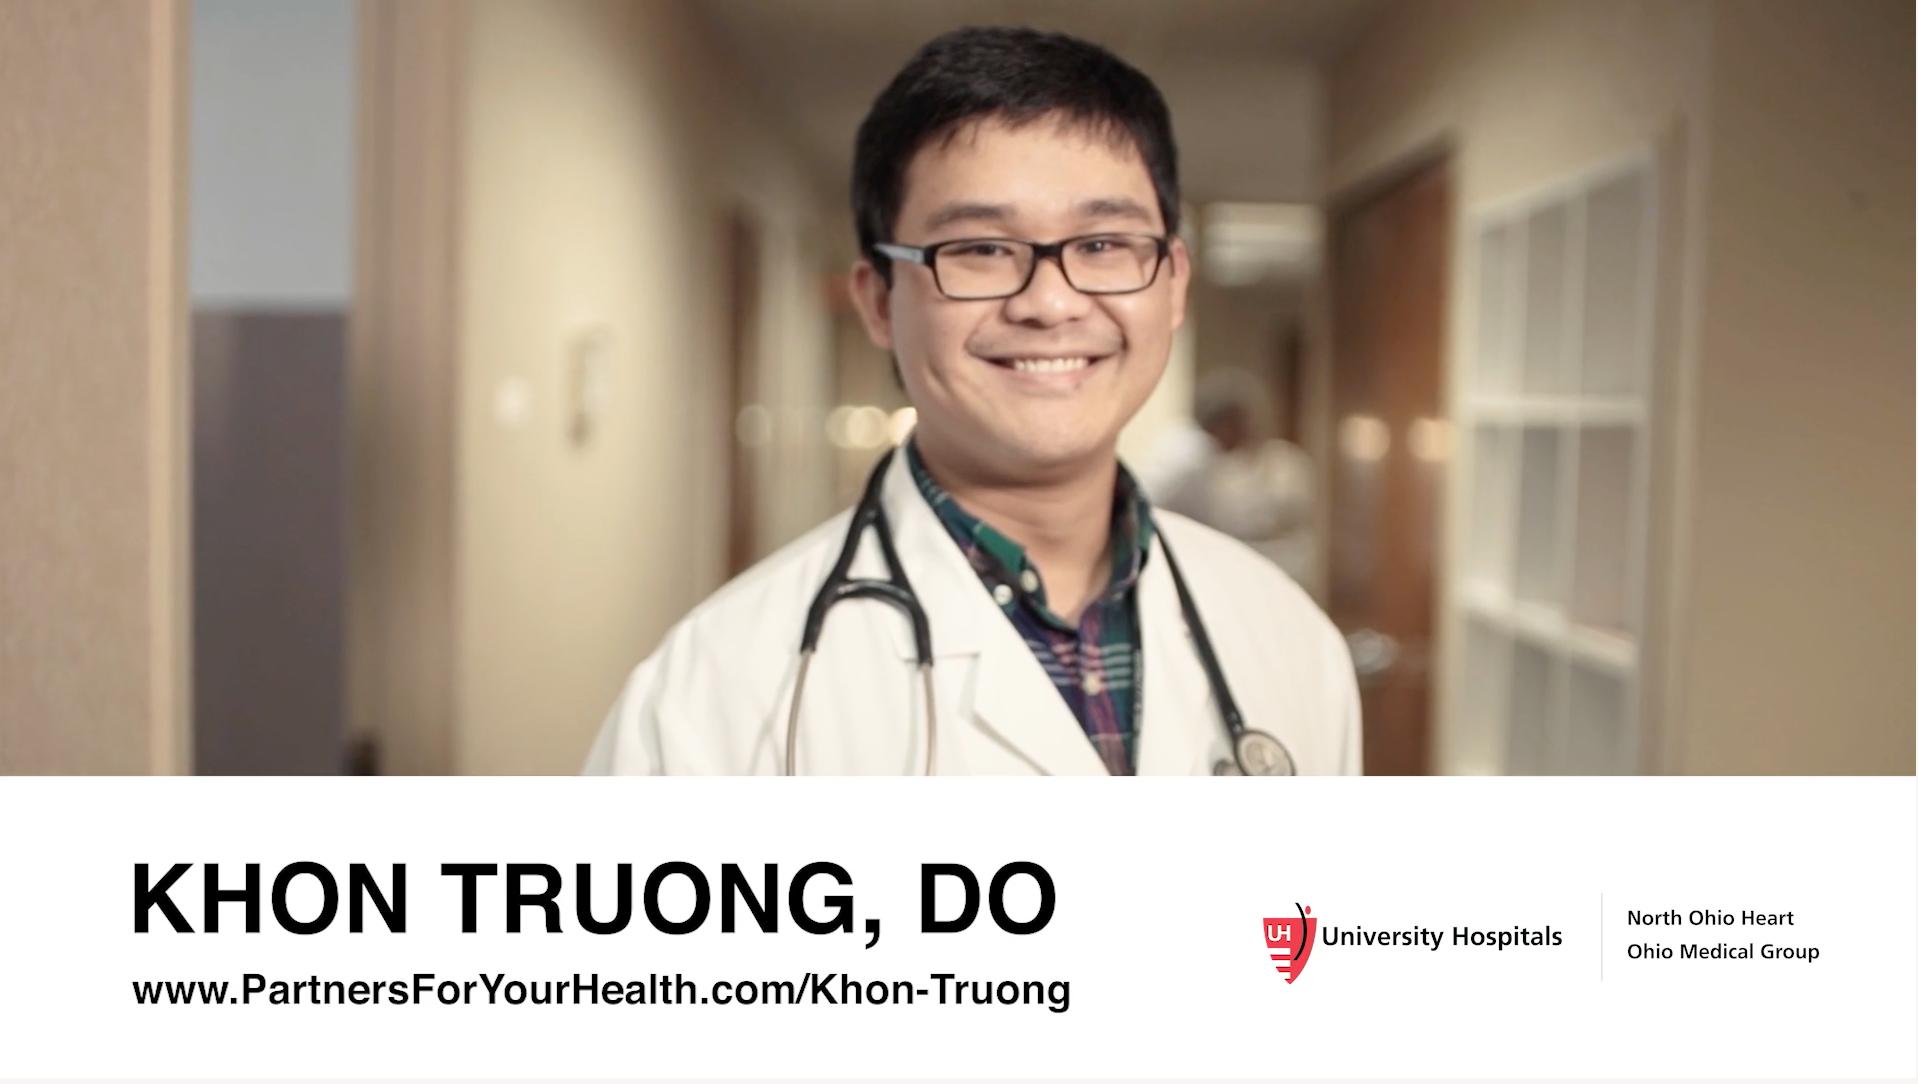 NOH Meet Dr. Truong